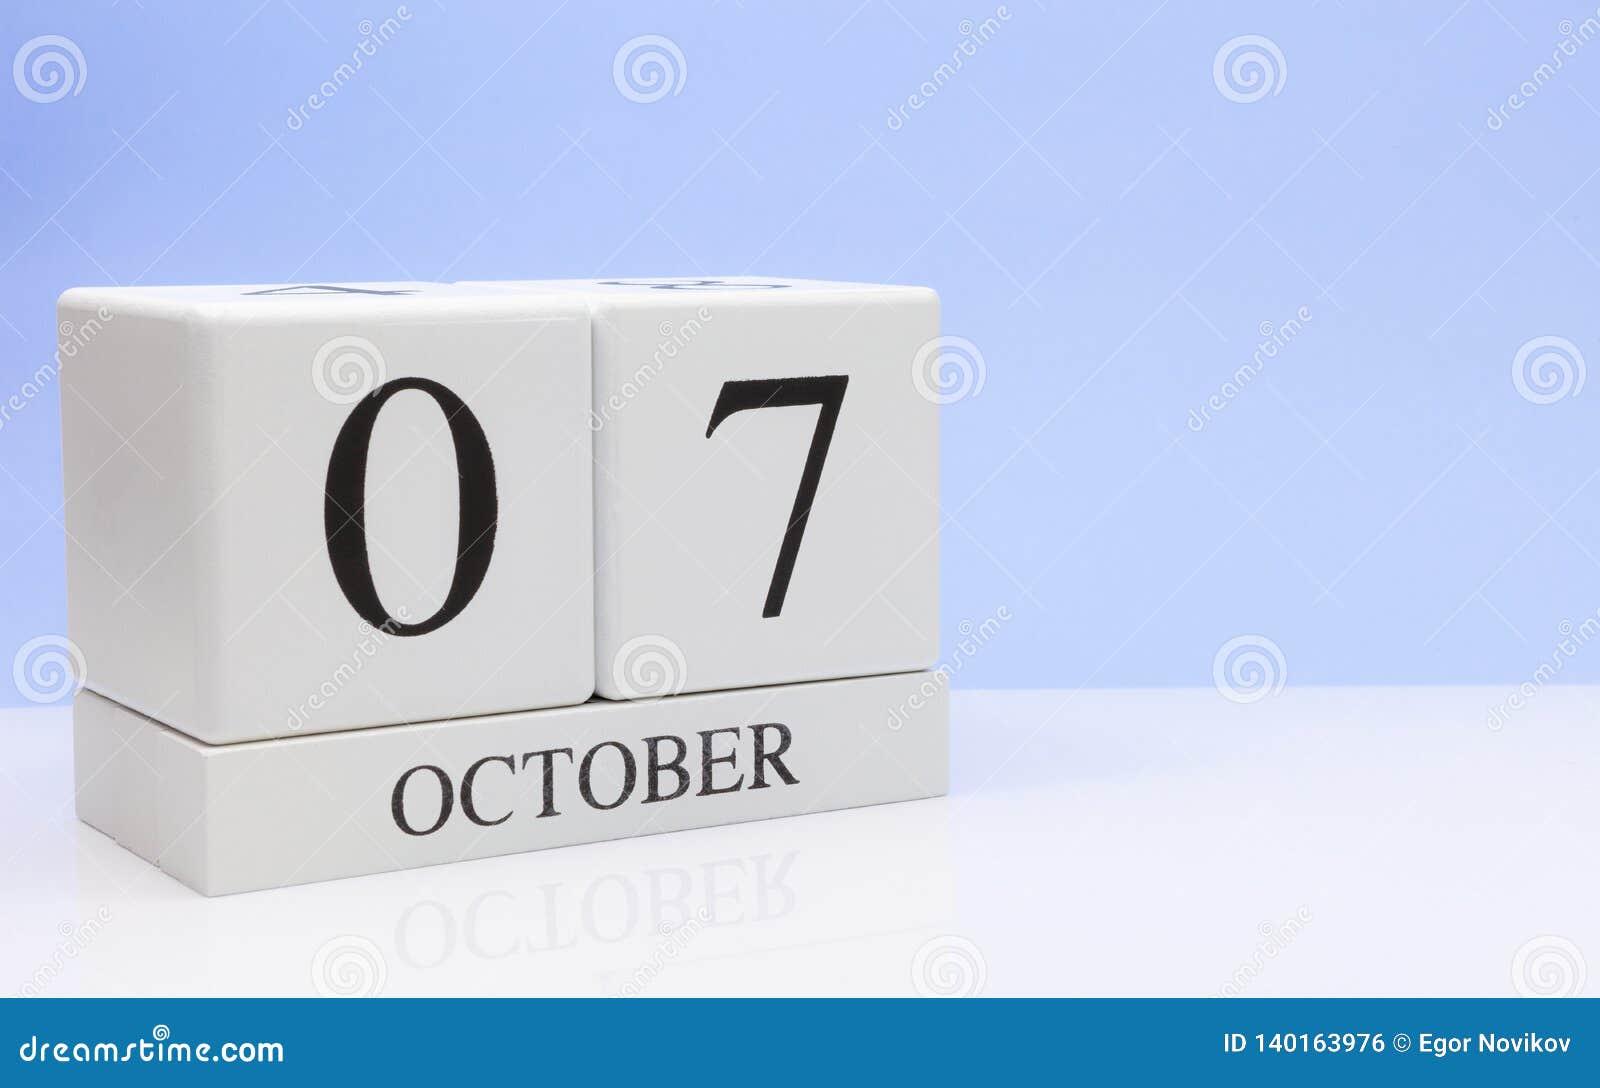 7 ottobre giorno 7 del mese, calendario quotidiano sulla tavola bianca con la riflessione, con fondo blu-chiaro Tempo di autunno,